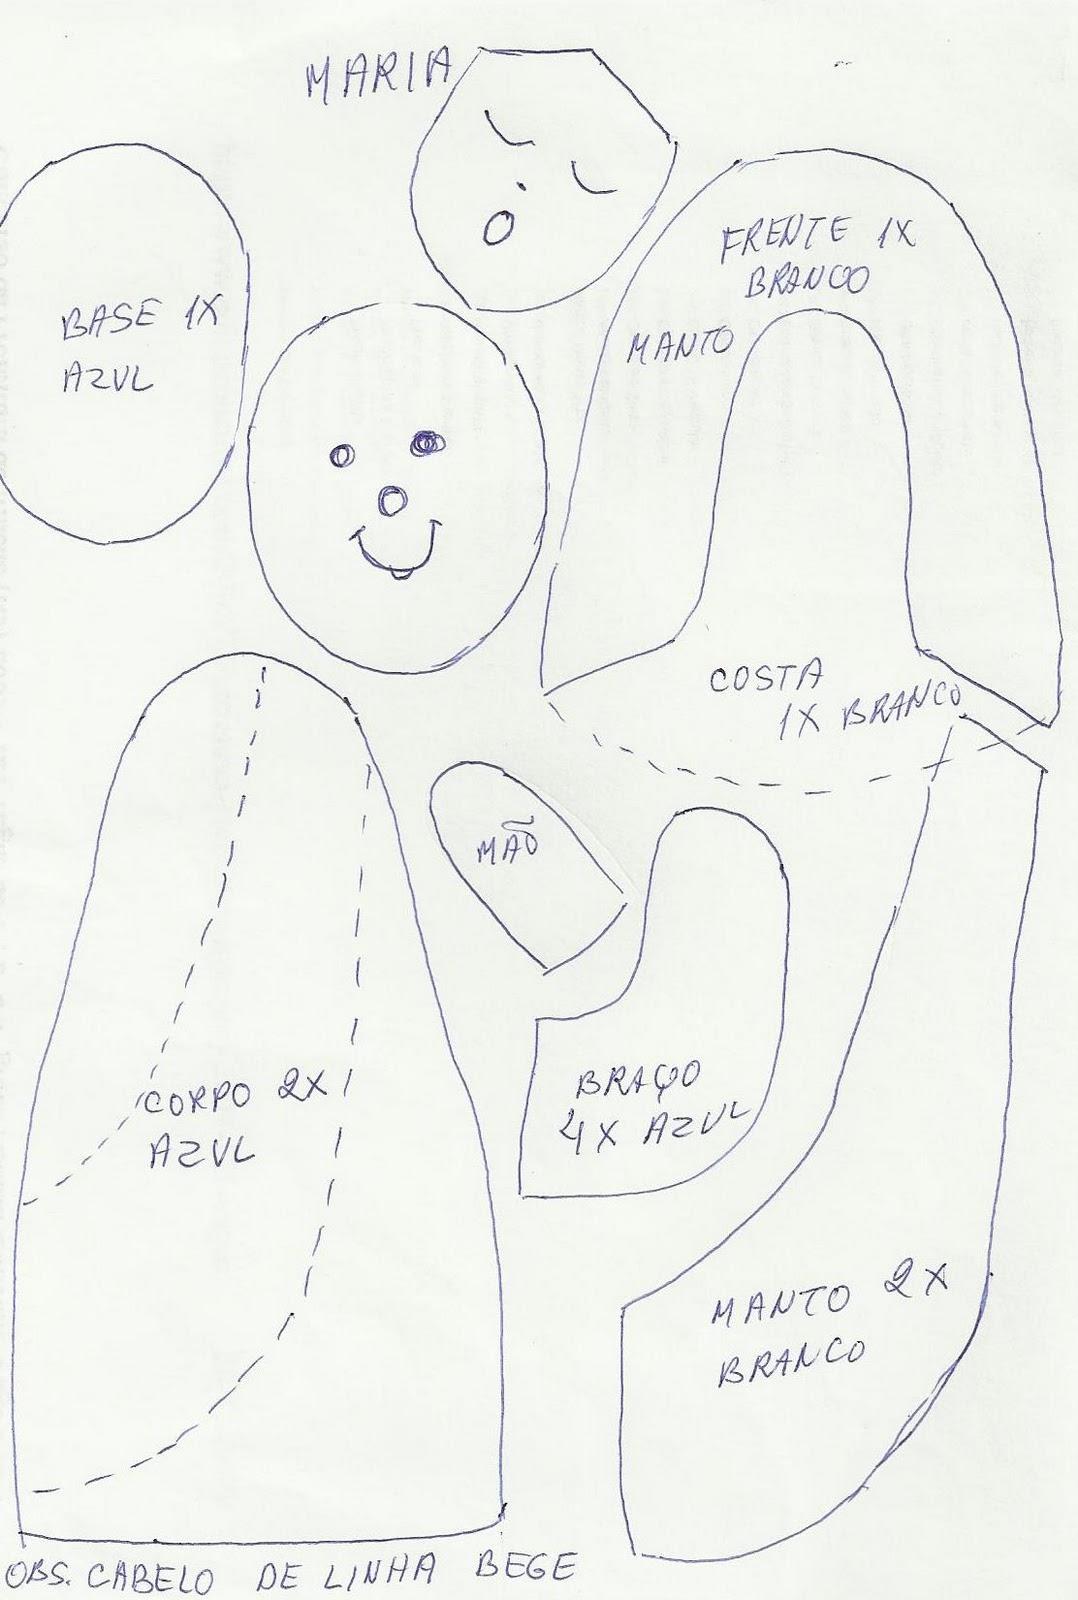 Adesivo De Unha Bailarina ~ Artesanato Nininora Artesanatos e moldes